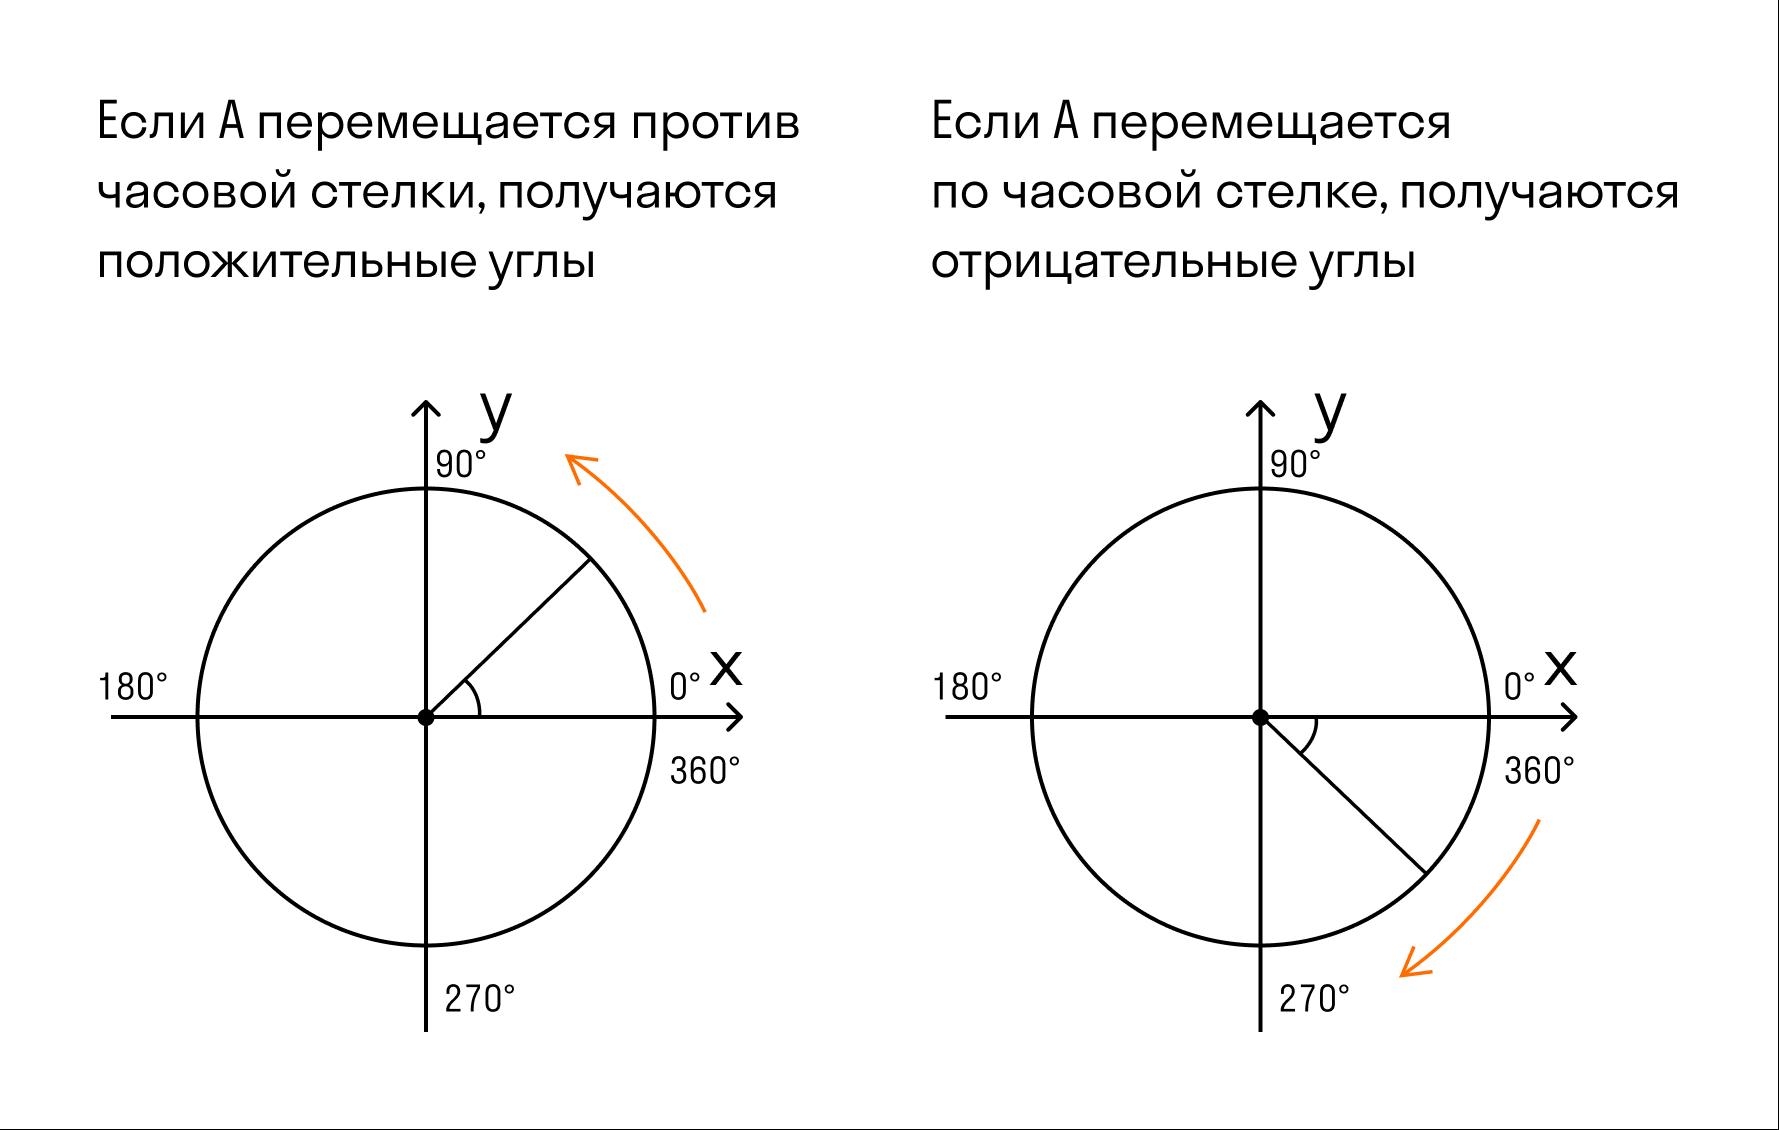 Единичная окружность с градусами